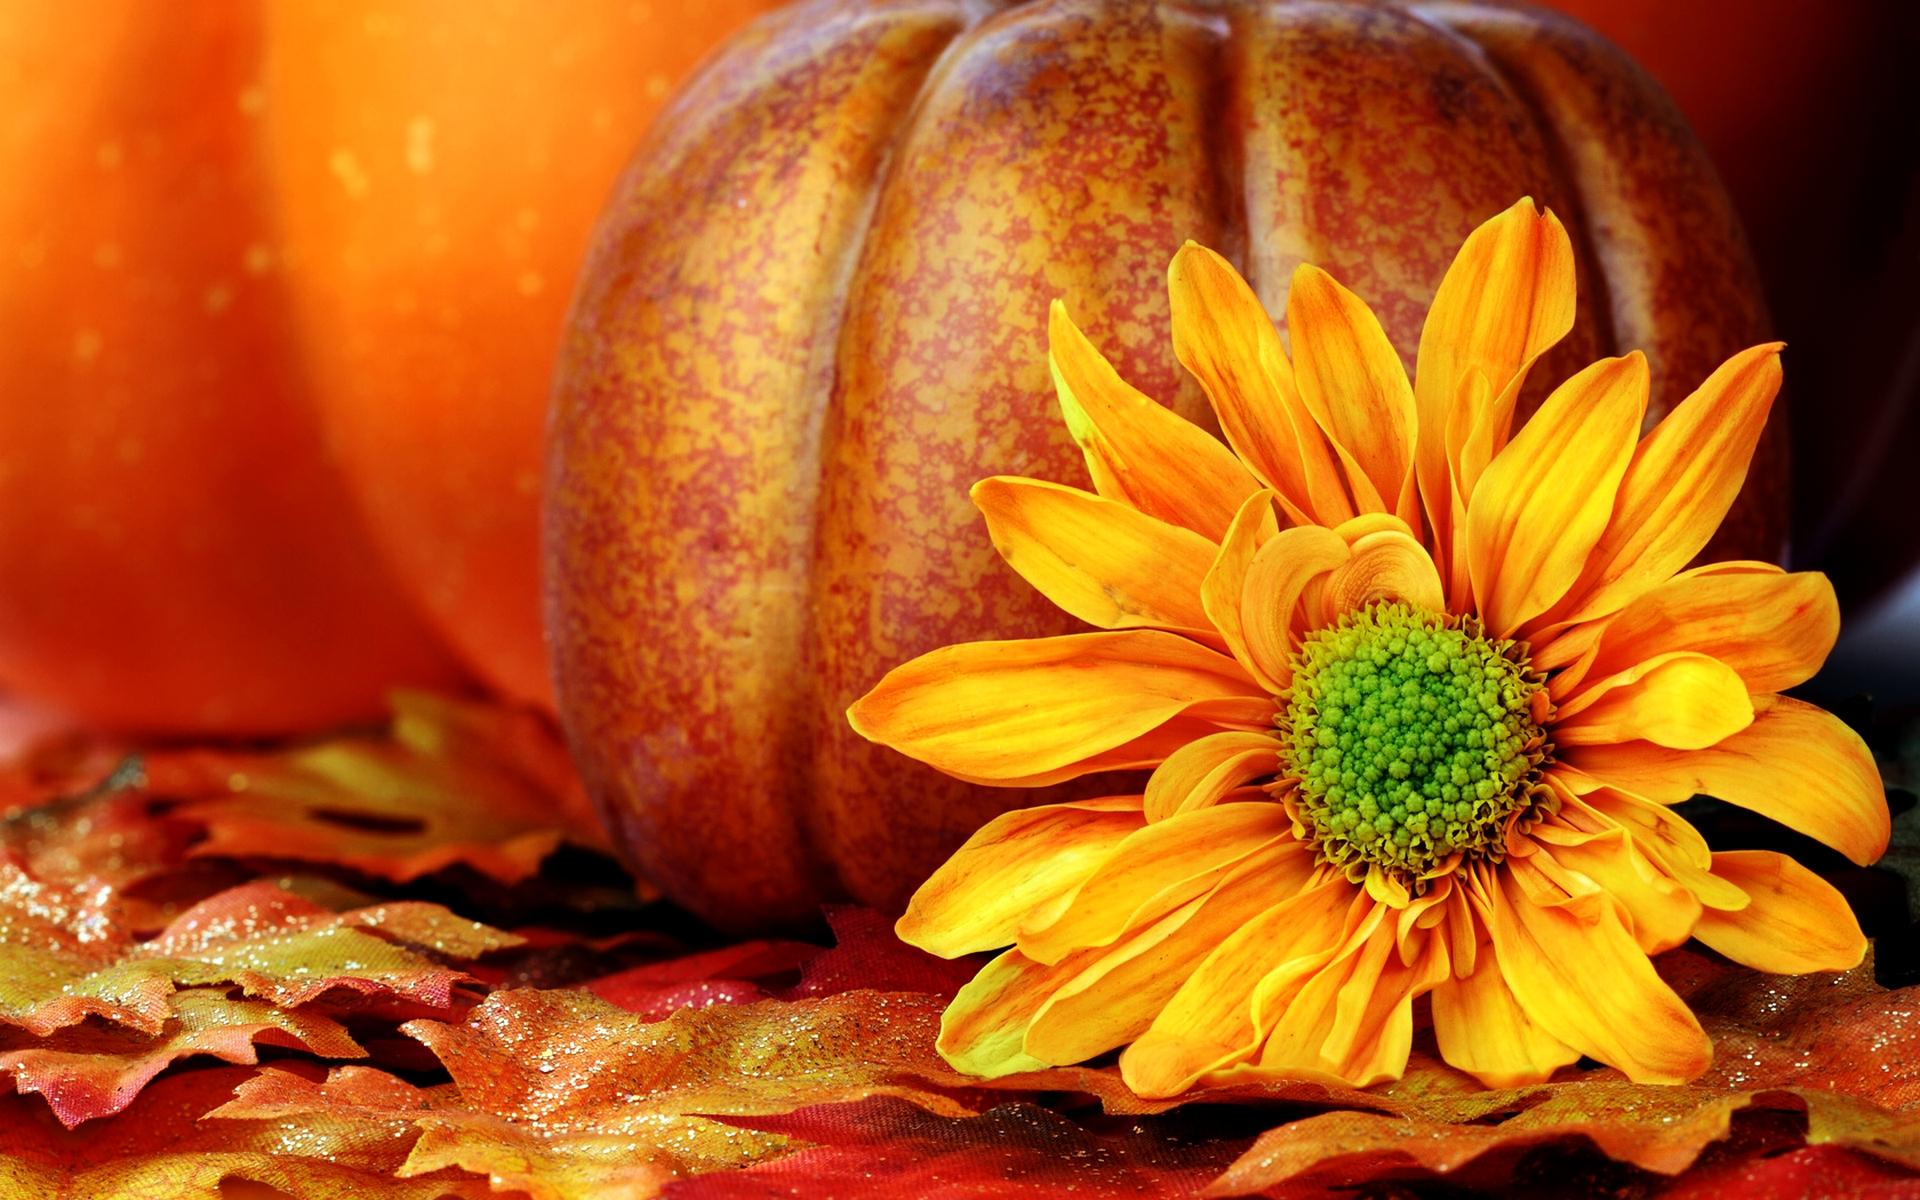 Fall pumpkin desktop wallpaper high.